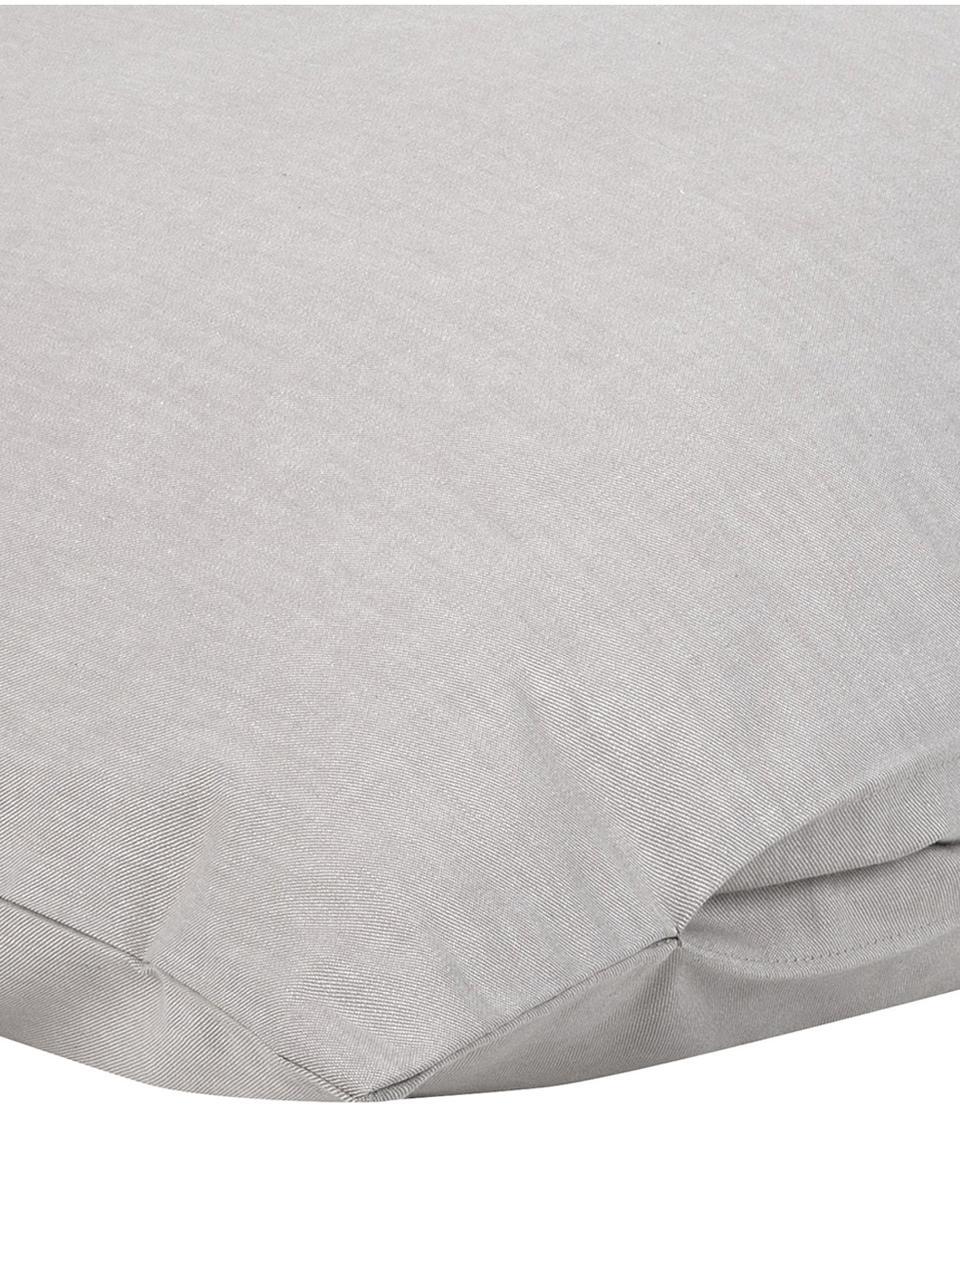 Kissenbezüge Cashmere in Beige, 2 Stück, Beige, 40 x 80 cm